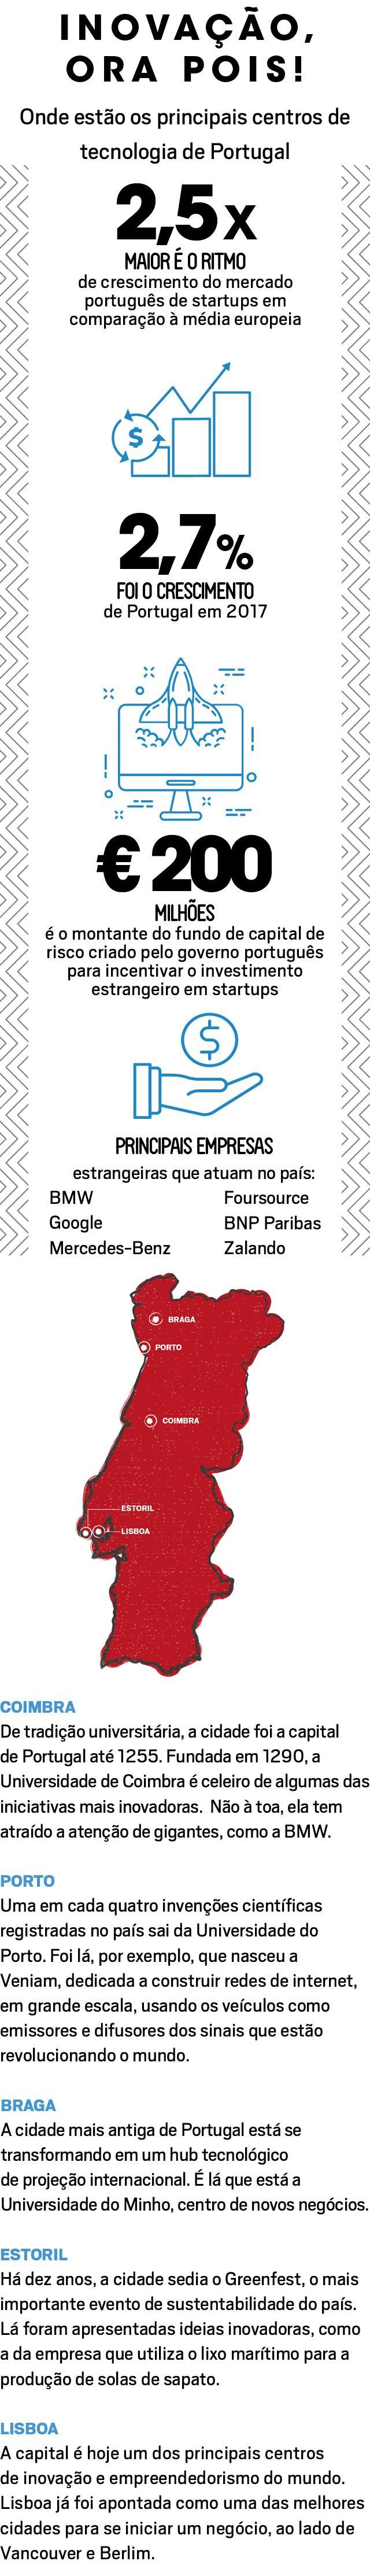 Infográfico matéria ecossistema inovação Portugal (Foto: Época NEGÓCIOS)